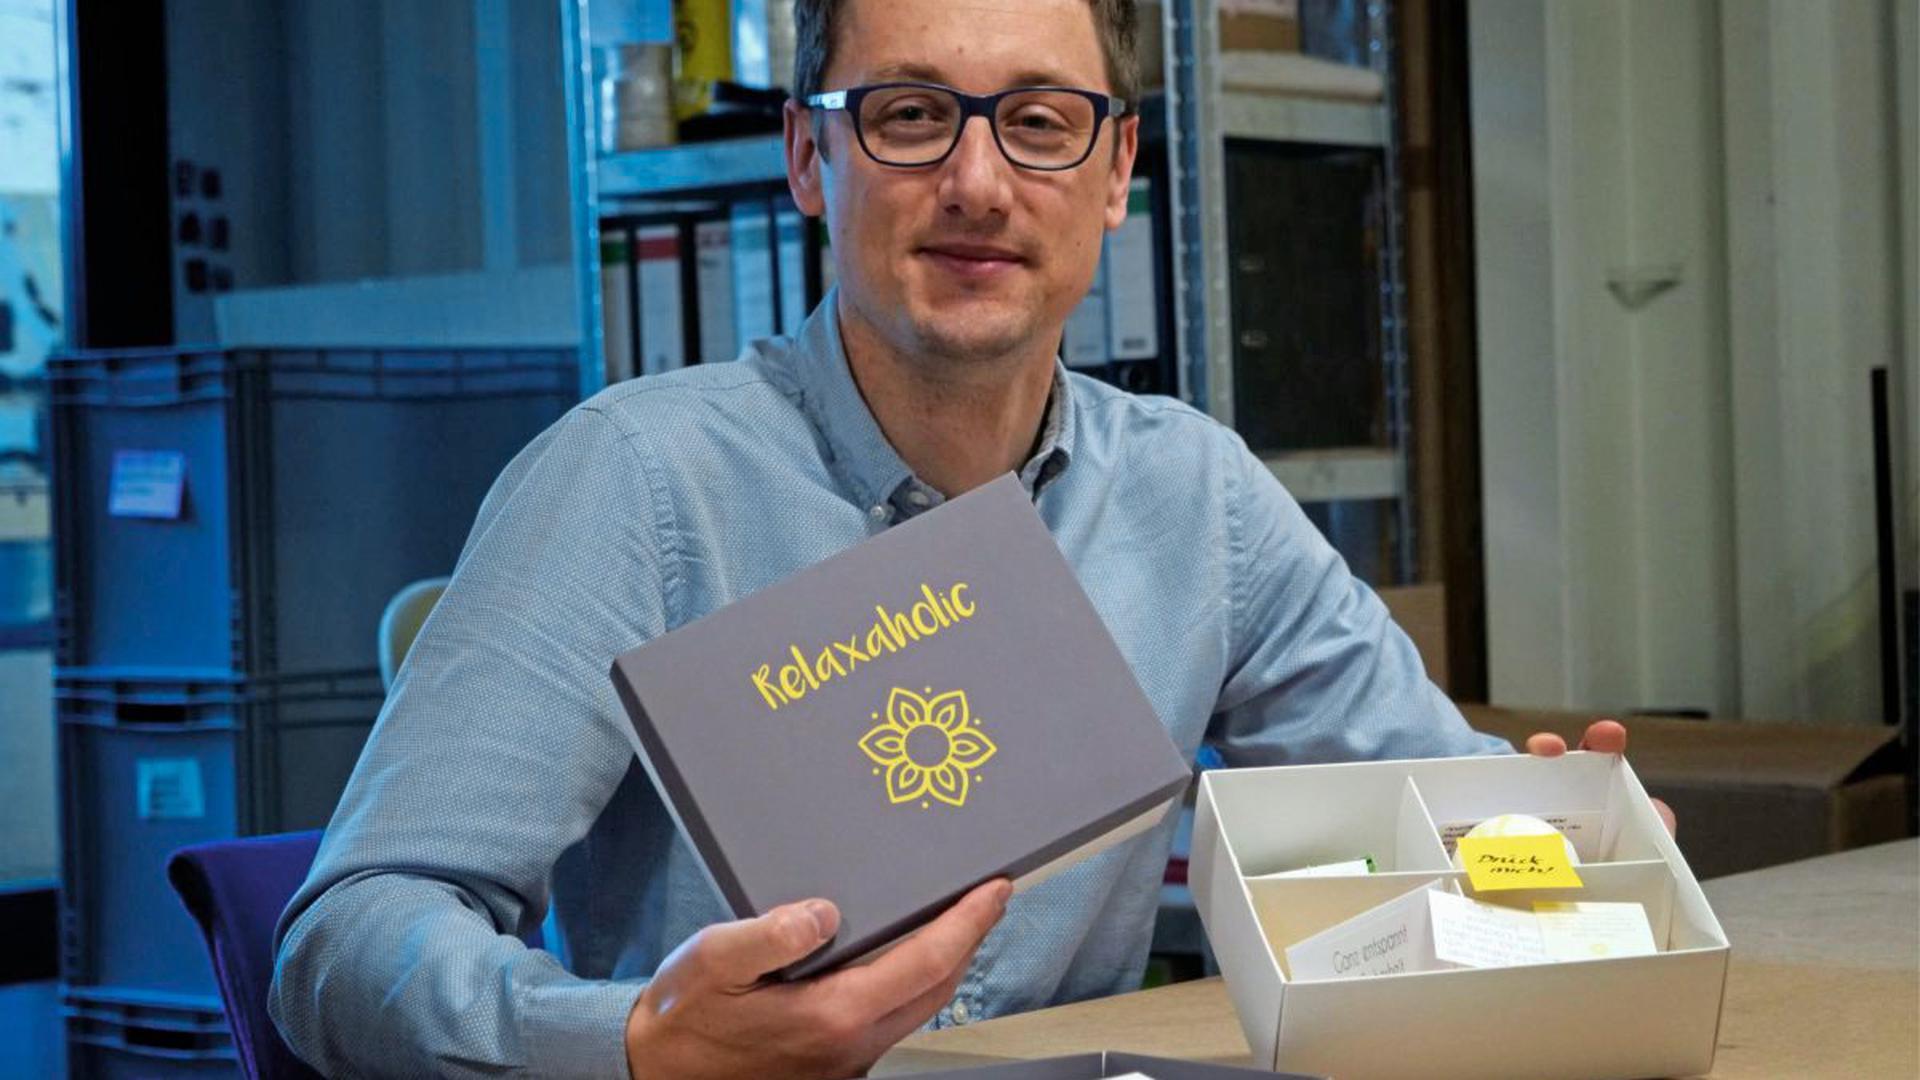 Eine Kiste zum Kraft tanken hat Fabian Krüger mit seinem Konzept Relaxaholic entwickelt. Damit verbunden ist ein Online-Portal, das Arbeitnehmer anleitet, Strategien für das ganz persönliche Gesundheitsmanagement zu entwickeln.